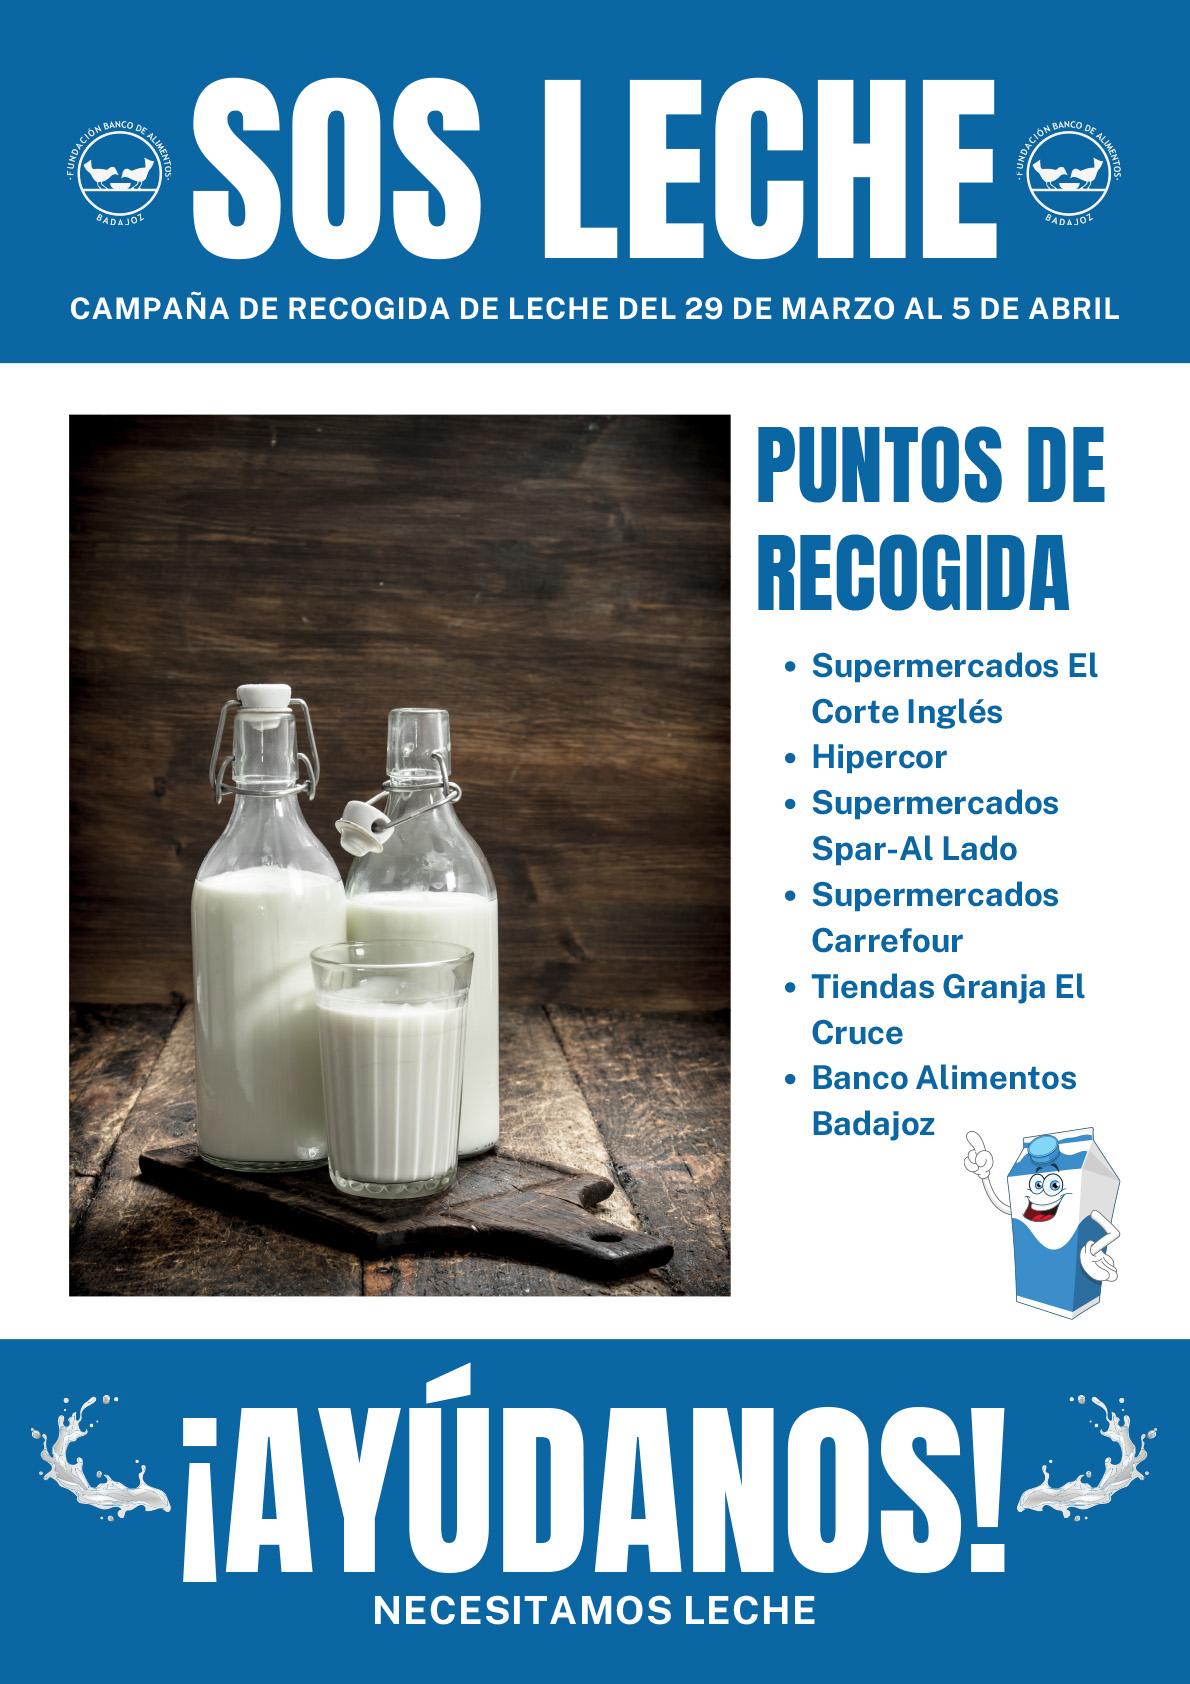 Banco de alimentos de Badajoz - Donación de Leche